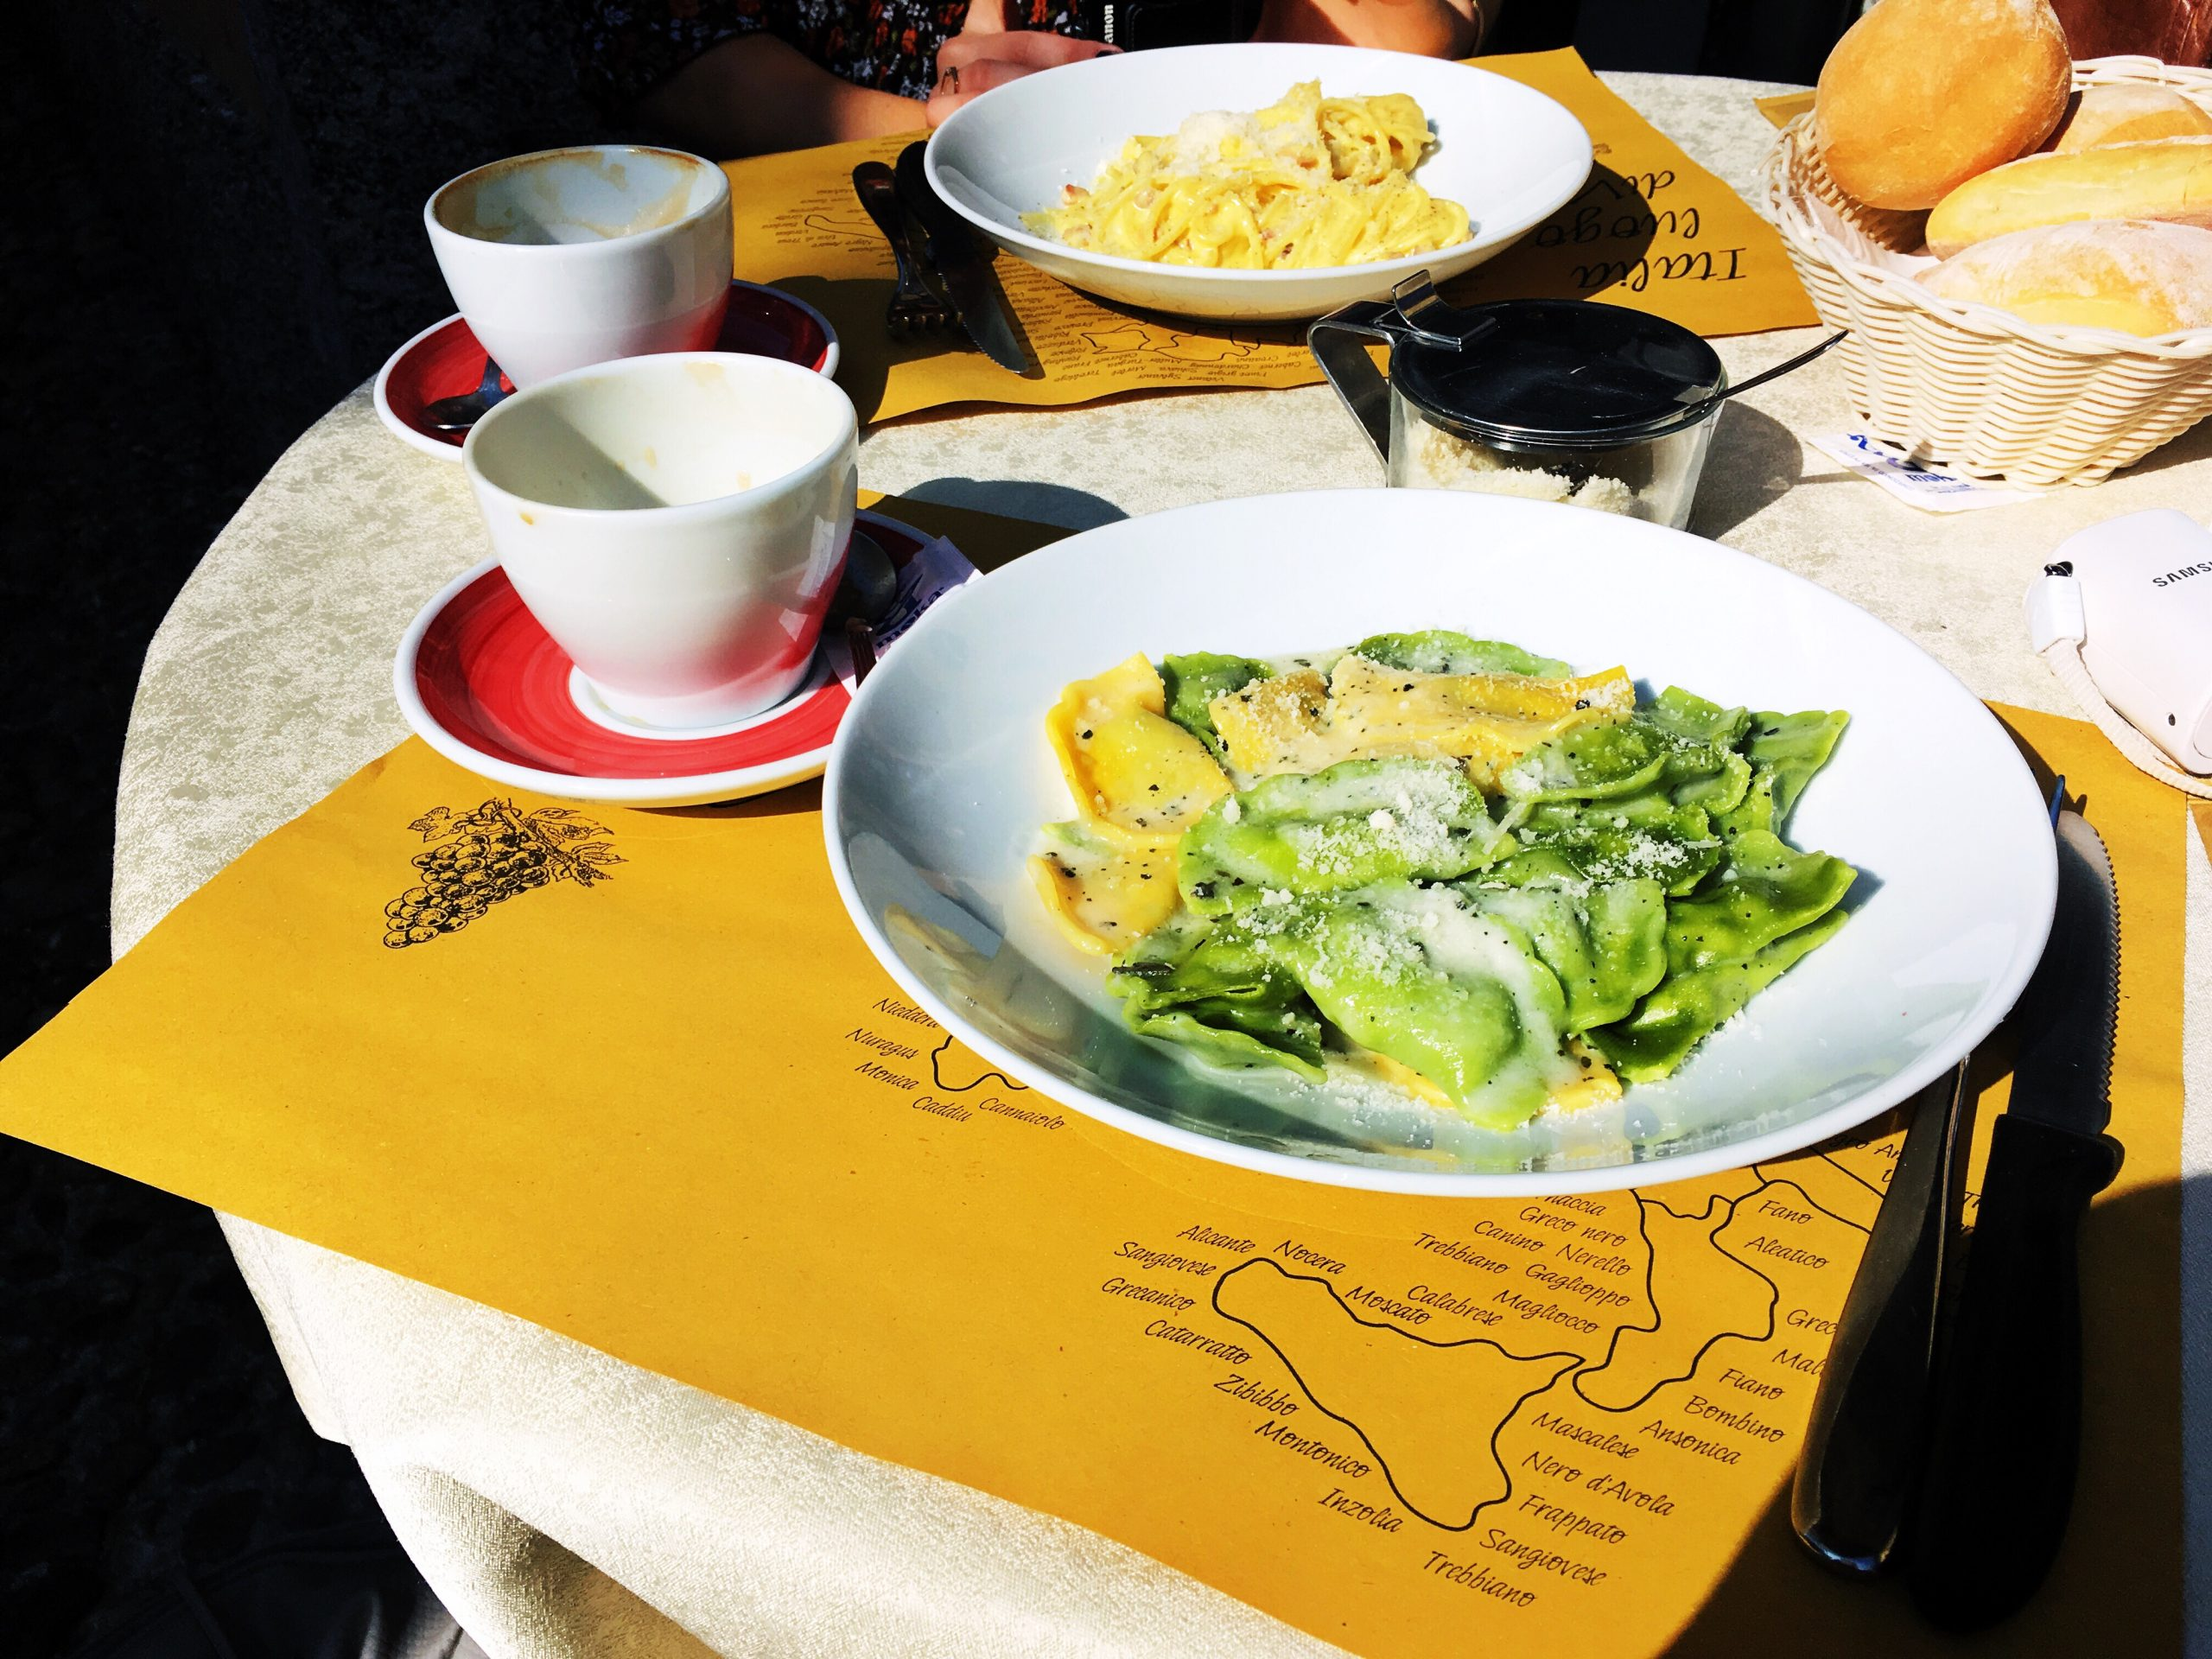 Grandiose Days milan food pasta tastes without waste